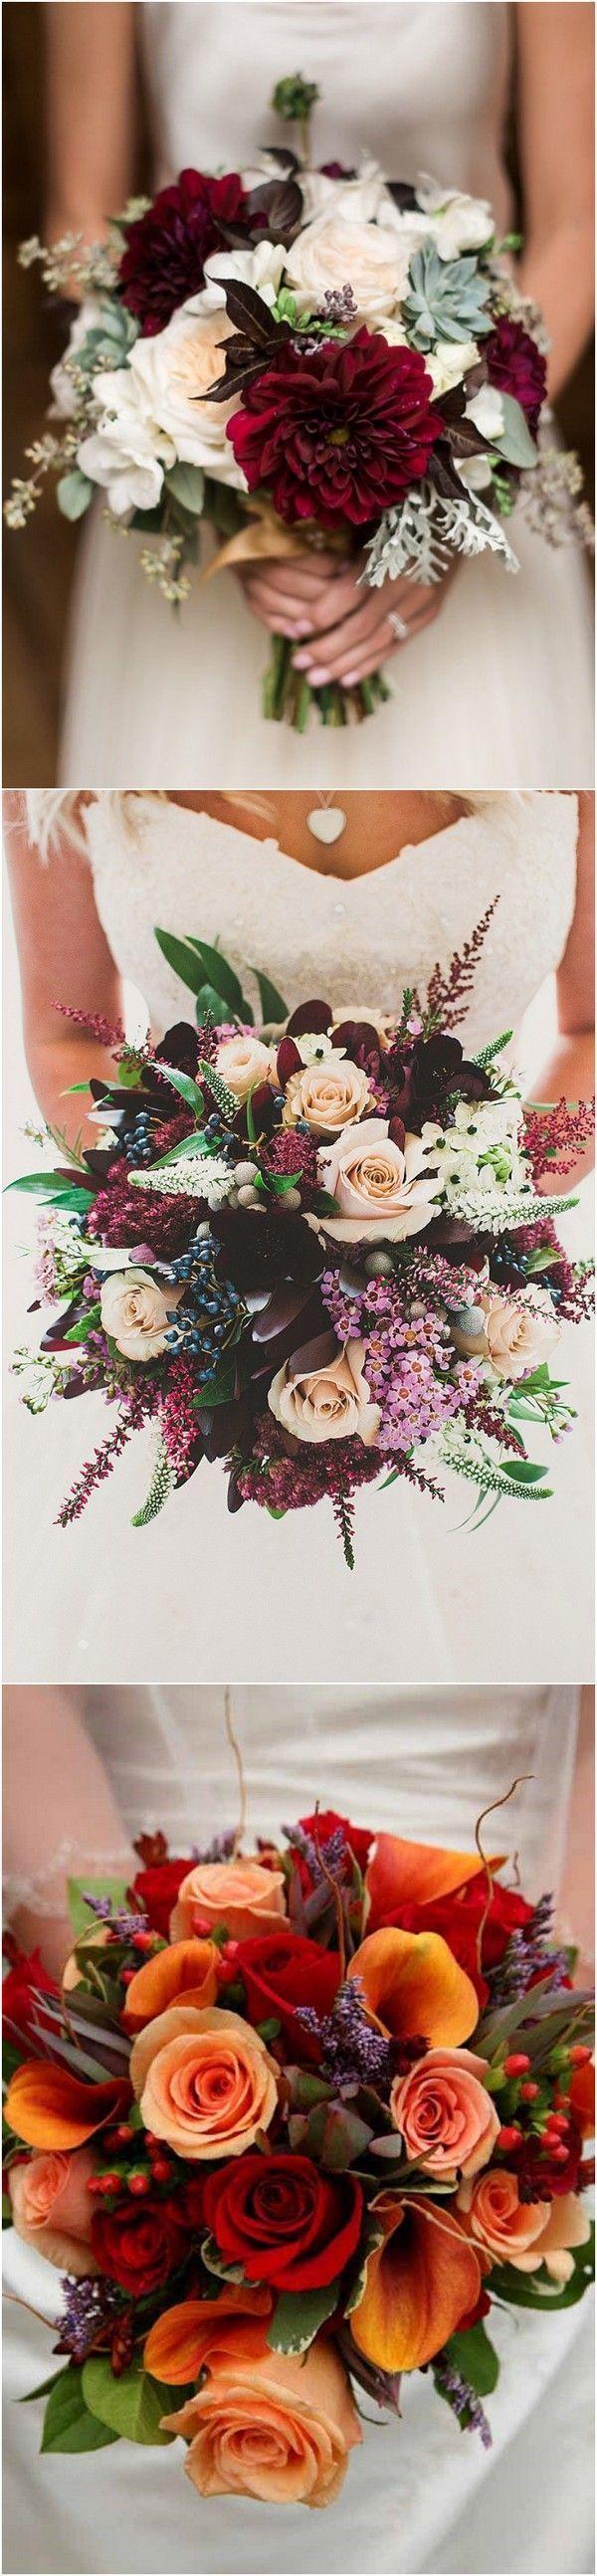 fall wedding bouquet ideas #weddingideas #weddingdecor #fallwedding #autumnwedding